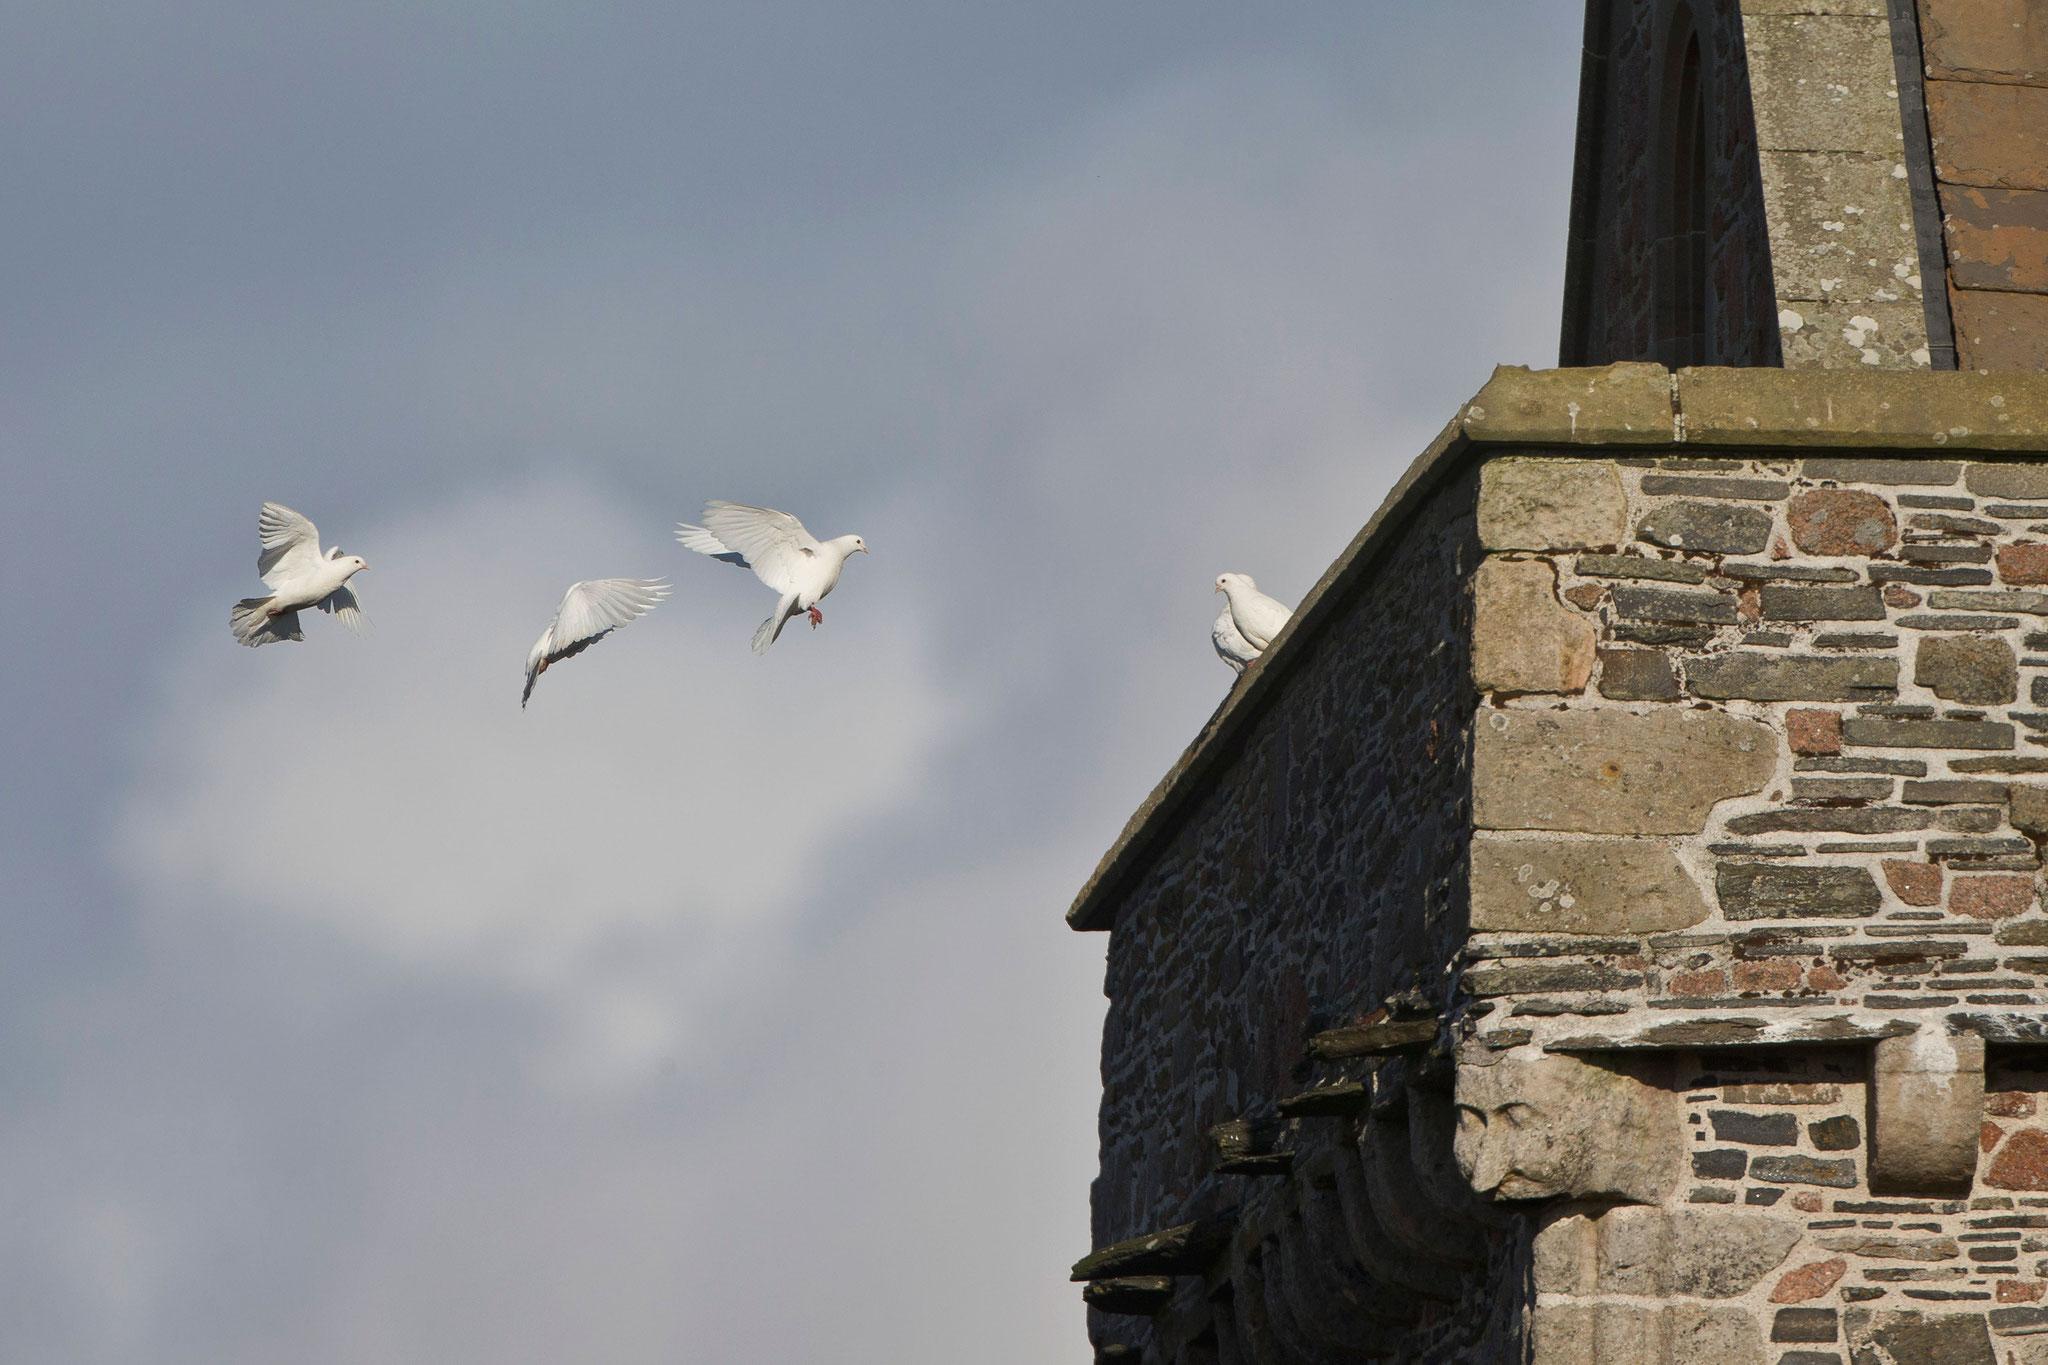 Bei der Abbey lebt ein Trupp weisser Tauben, zwar keine Wildvögel aber trotzdem schön.